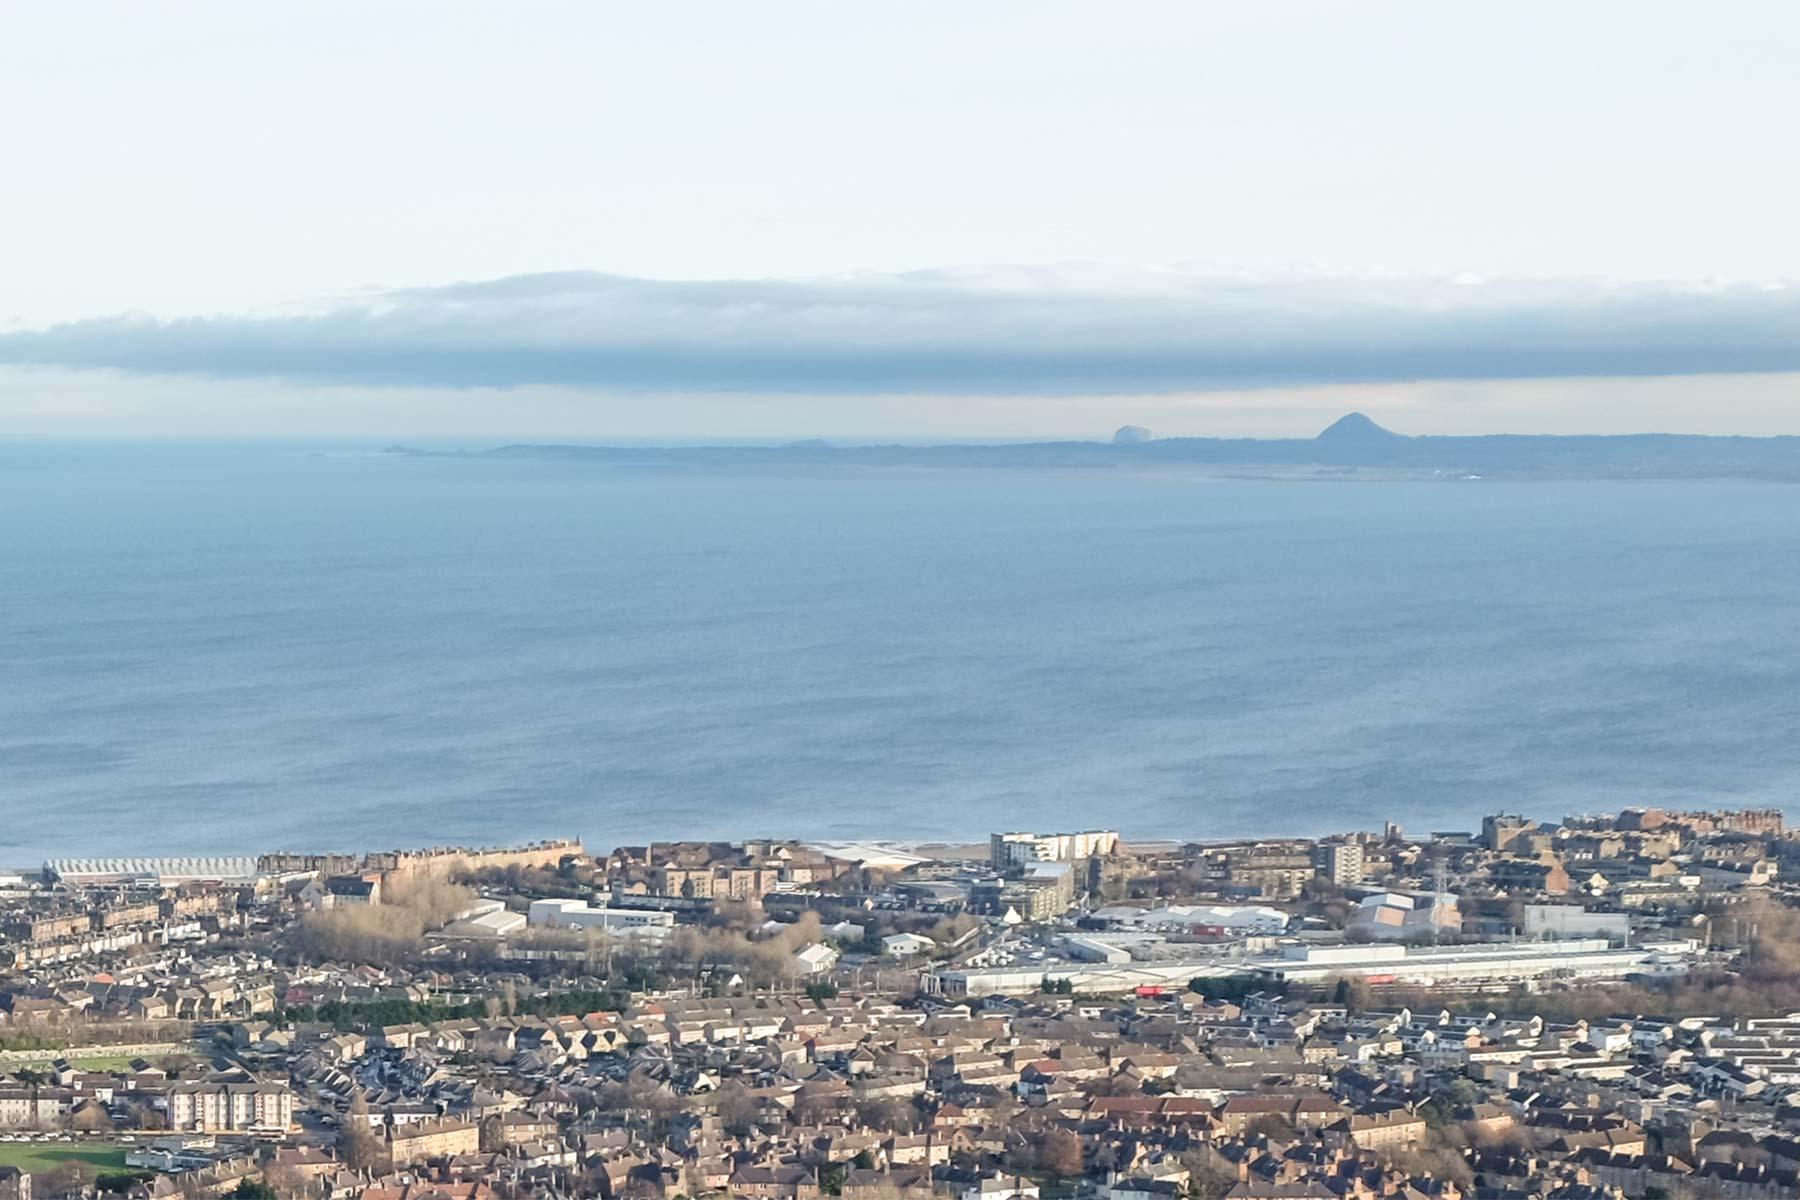 Blick auf den Bass Rock in Edinburgh, Schottland